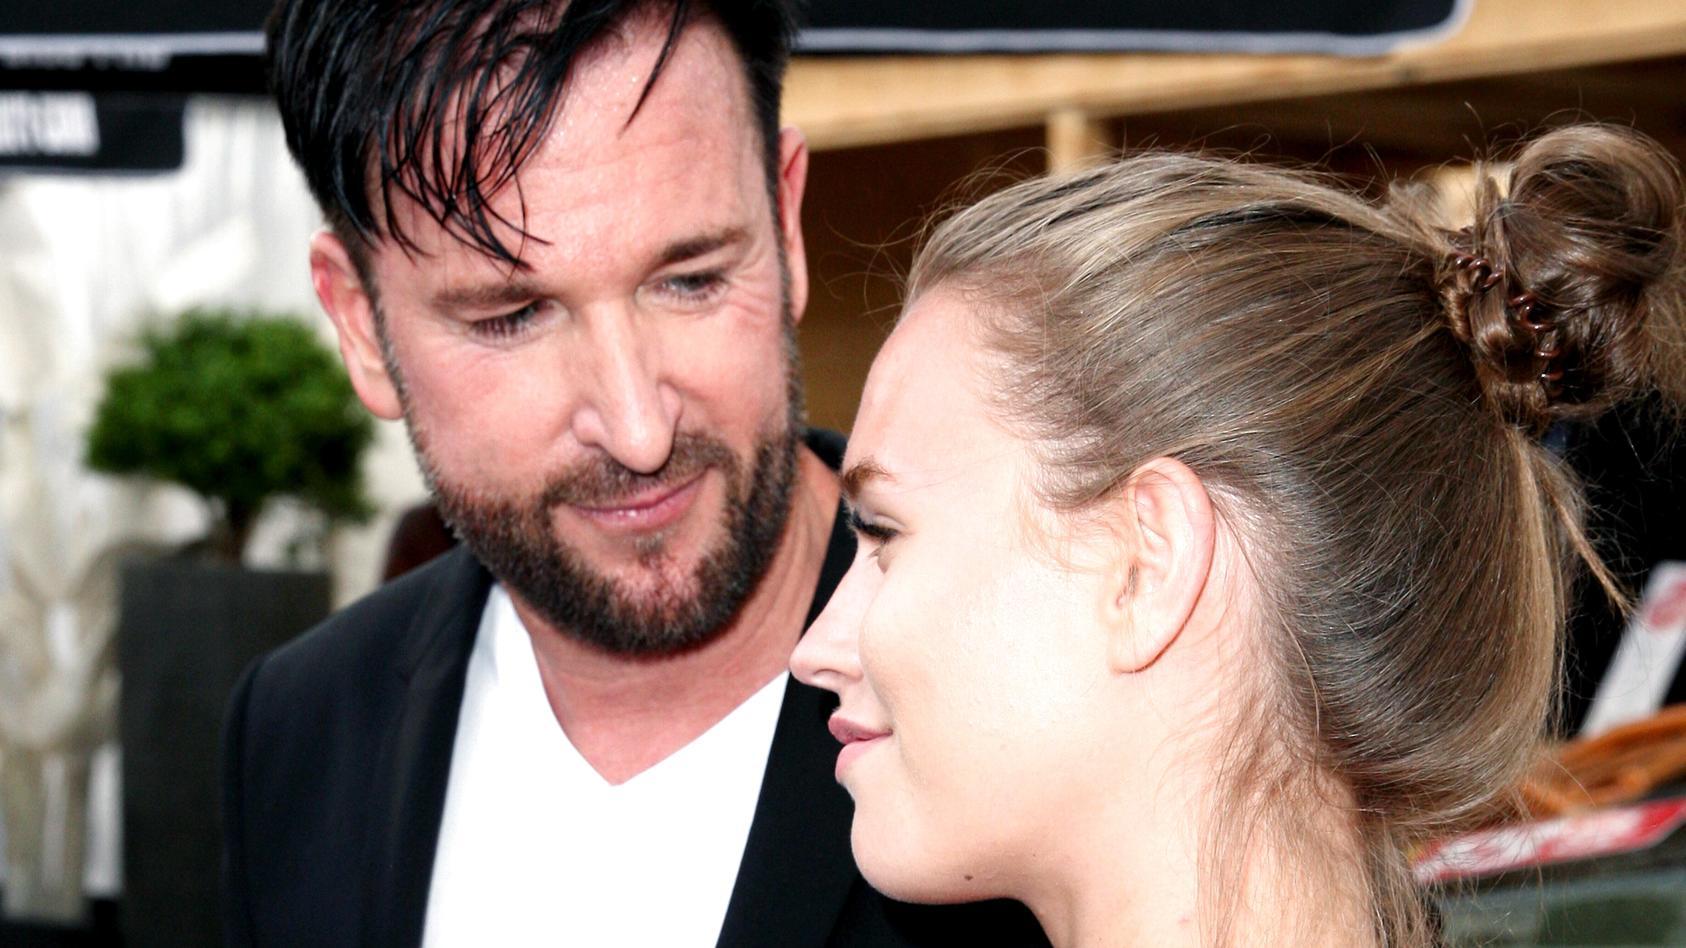 Michael Wendler und Laura Müller sorgen für viel Aufsehen in den Medien.